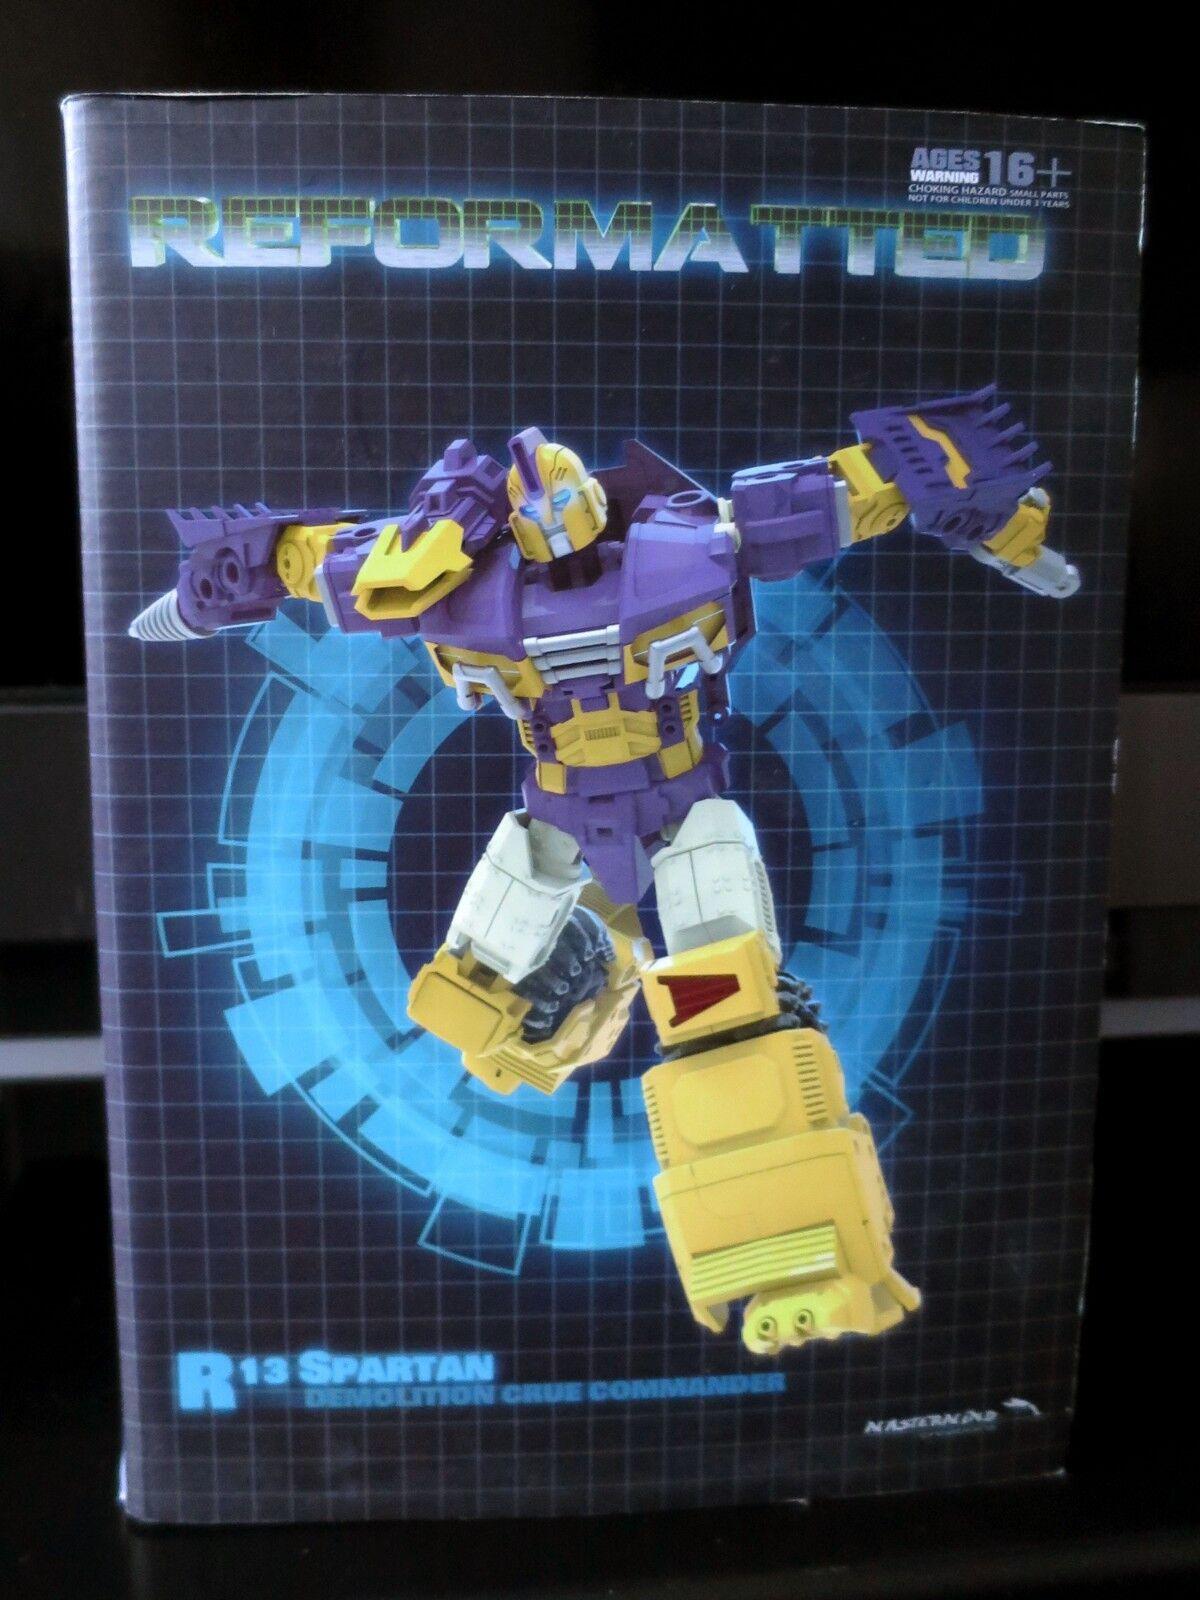 Transformers MASTERMIND CREATIONS R-13 Spartan también conocido como IDW grúa impactador sin usar y en caja sellada